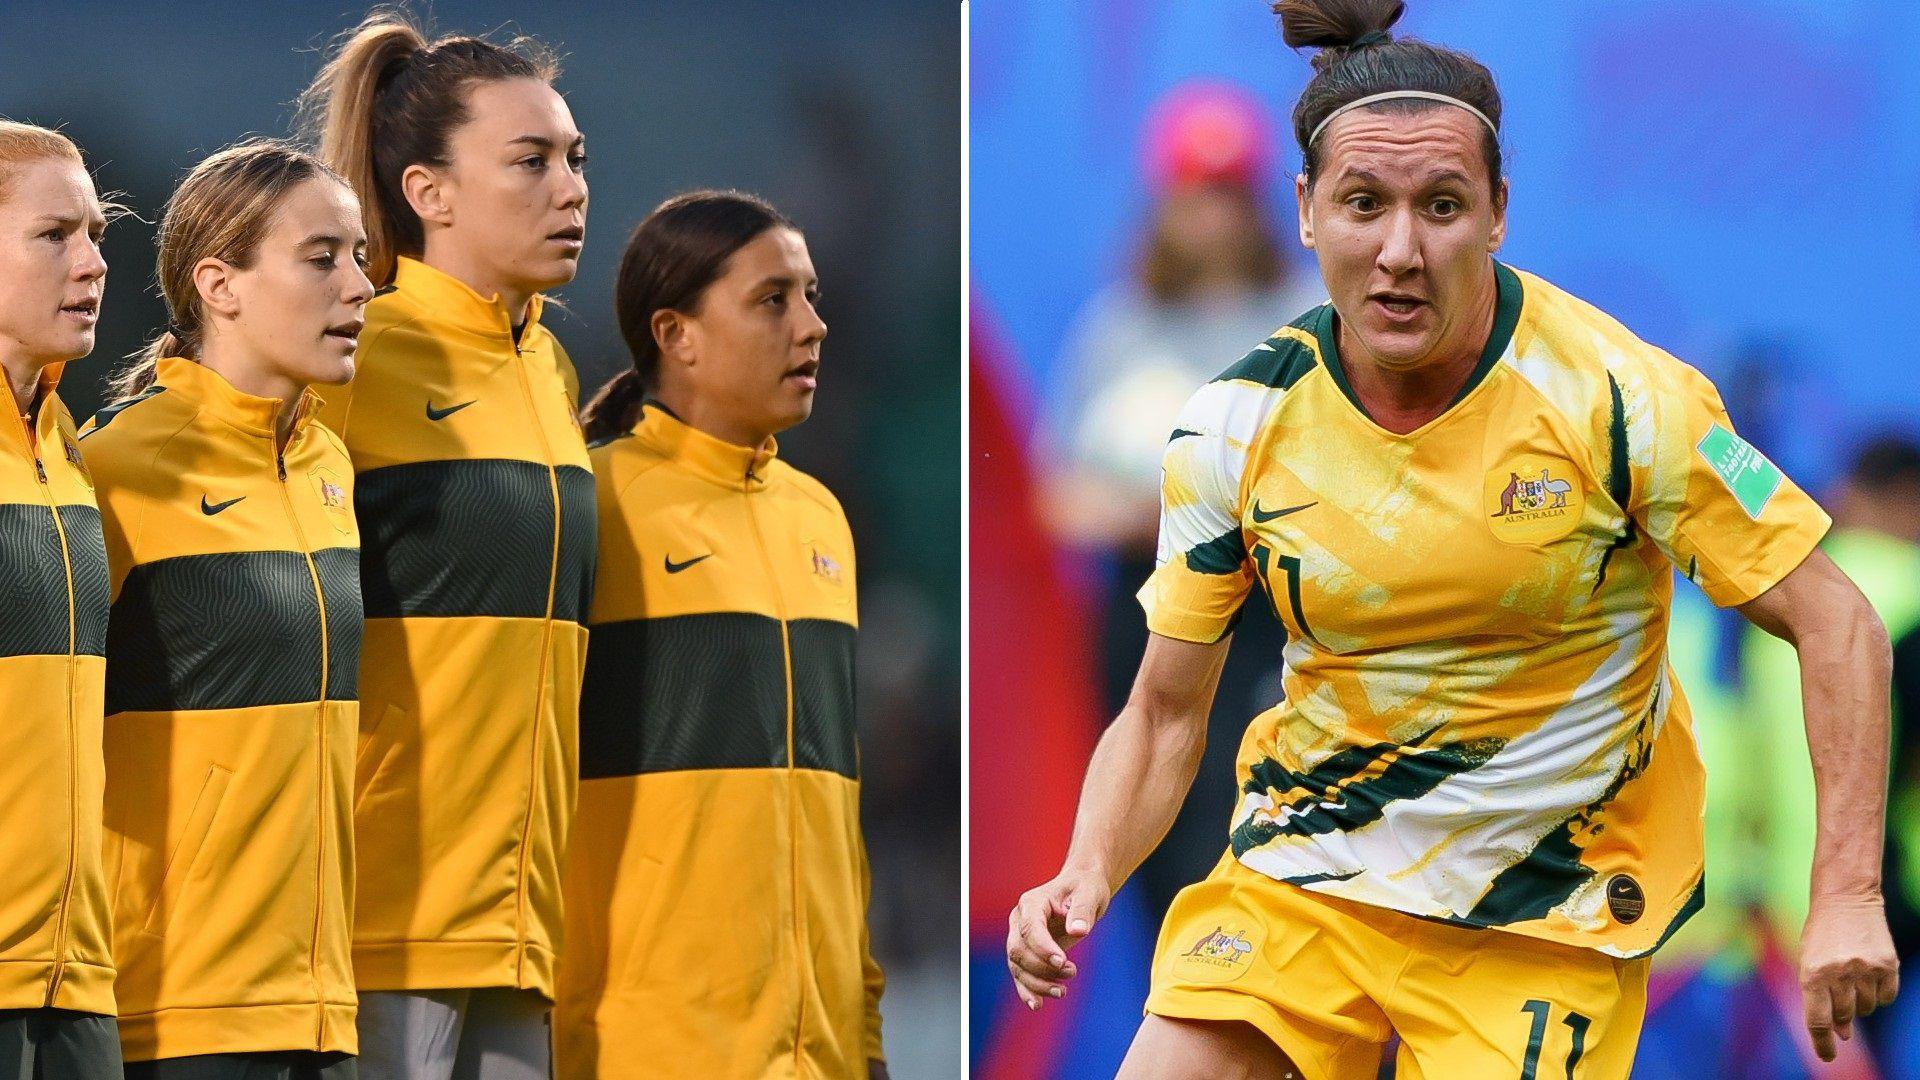 Matildas current stars address allegations made by Lisa De Vanna